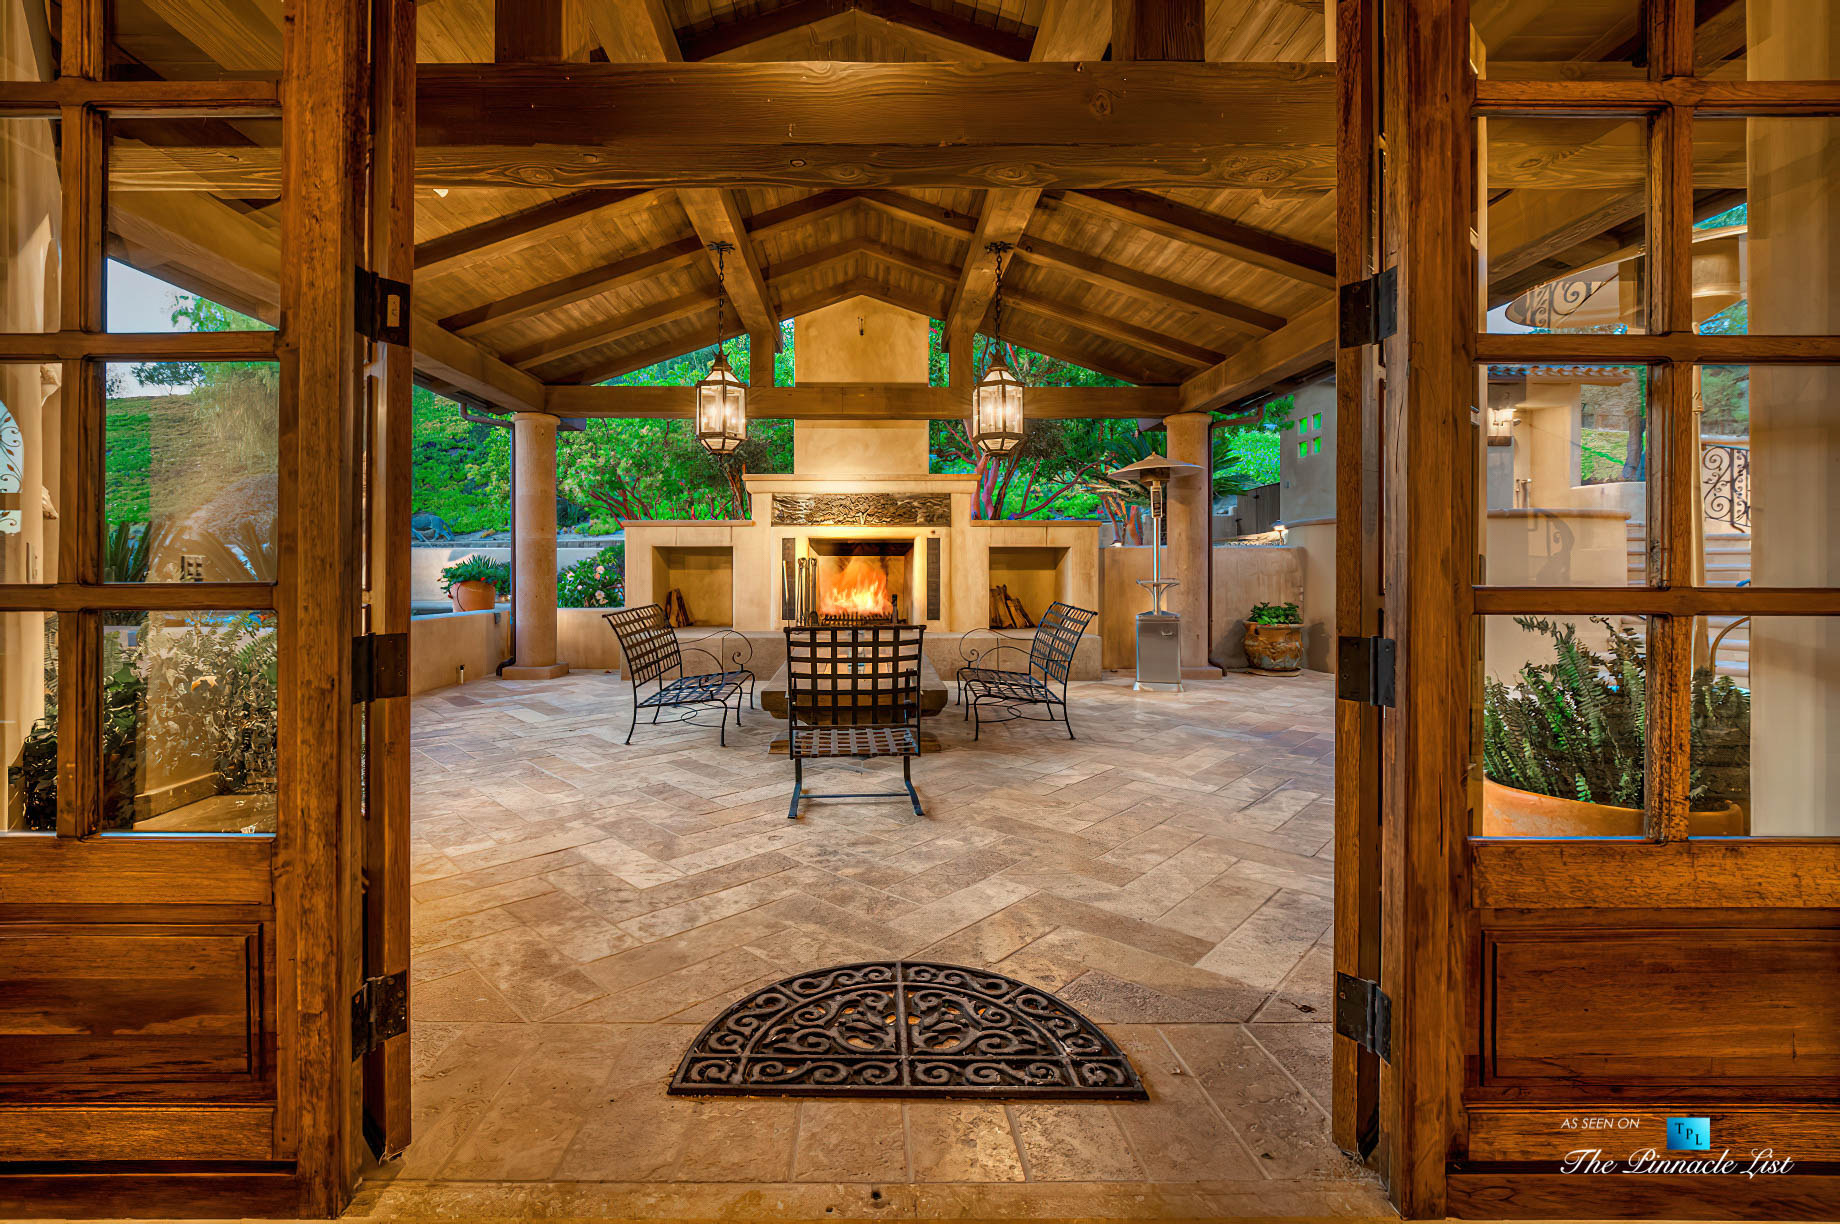 Spectacular 251 Acre Twin Oak Ranch – 2667 Via De Los Ranchos, Los Olivos, CA, USA – Italian Villa Residence Outdoor Patio with Fireplace